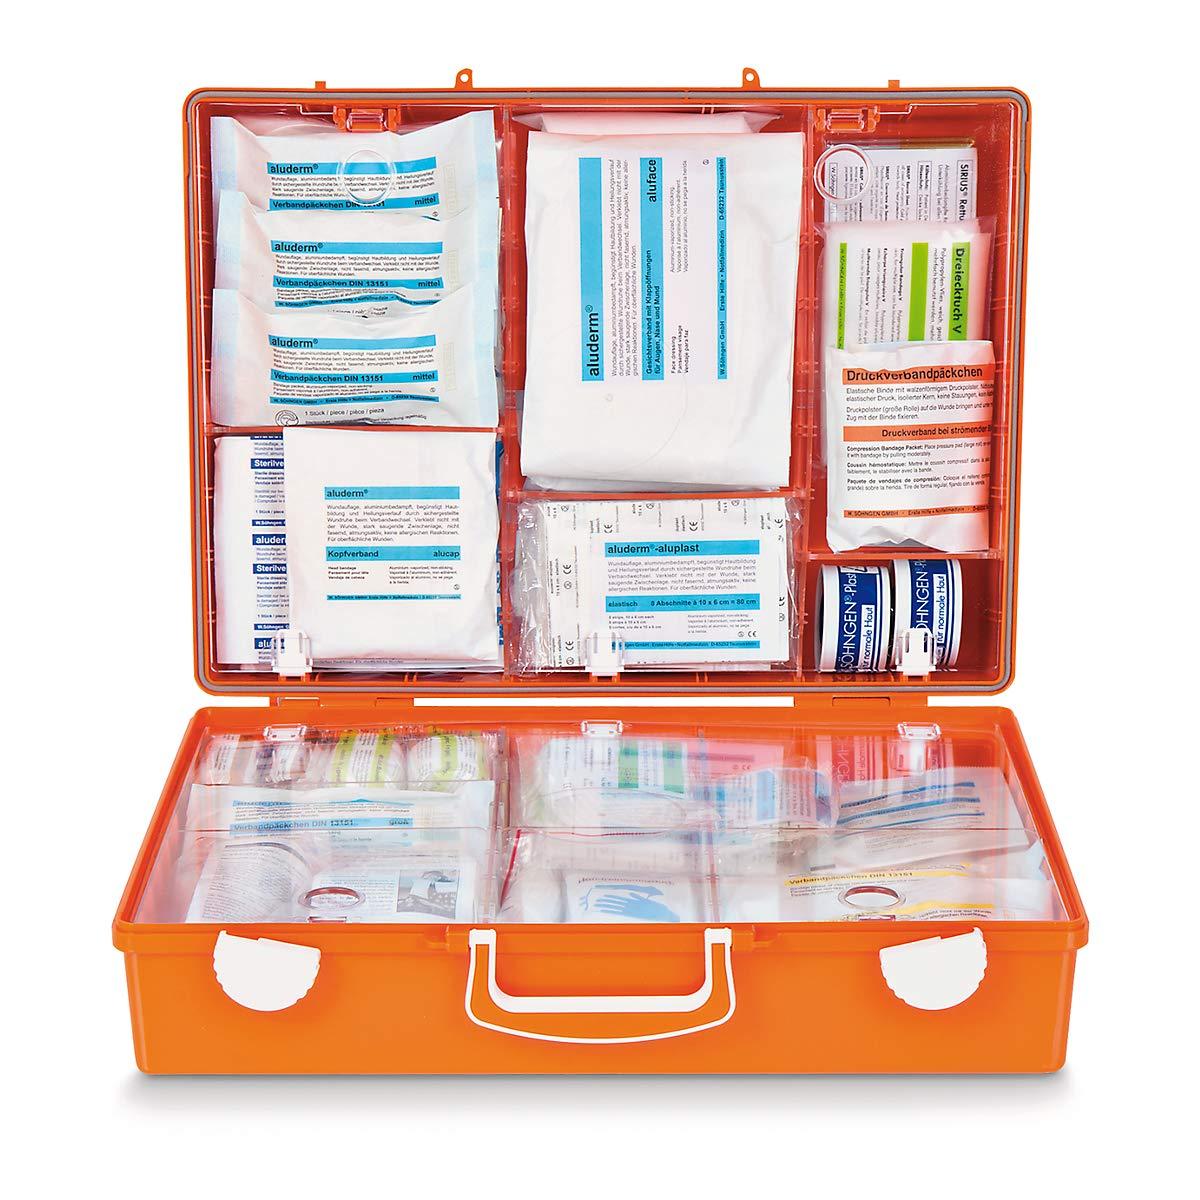 SÖHNGEN Erste-Hilfe-Koffer nach DIN 13169 - signalOrange, HxBxT 300 x 400 x 150 mm - mit Füllung - Apotheke Apotheken Arzneischrank Arzneischränke Betriebssicherheit Erste-Hilfe Erste-Hilfe-Schrank Erste-Hilfe-Schränke Hängeschran